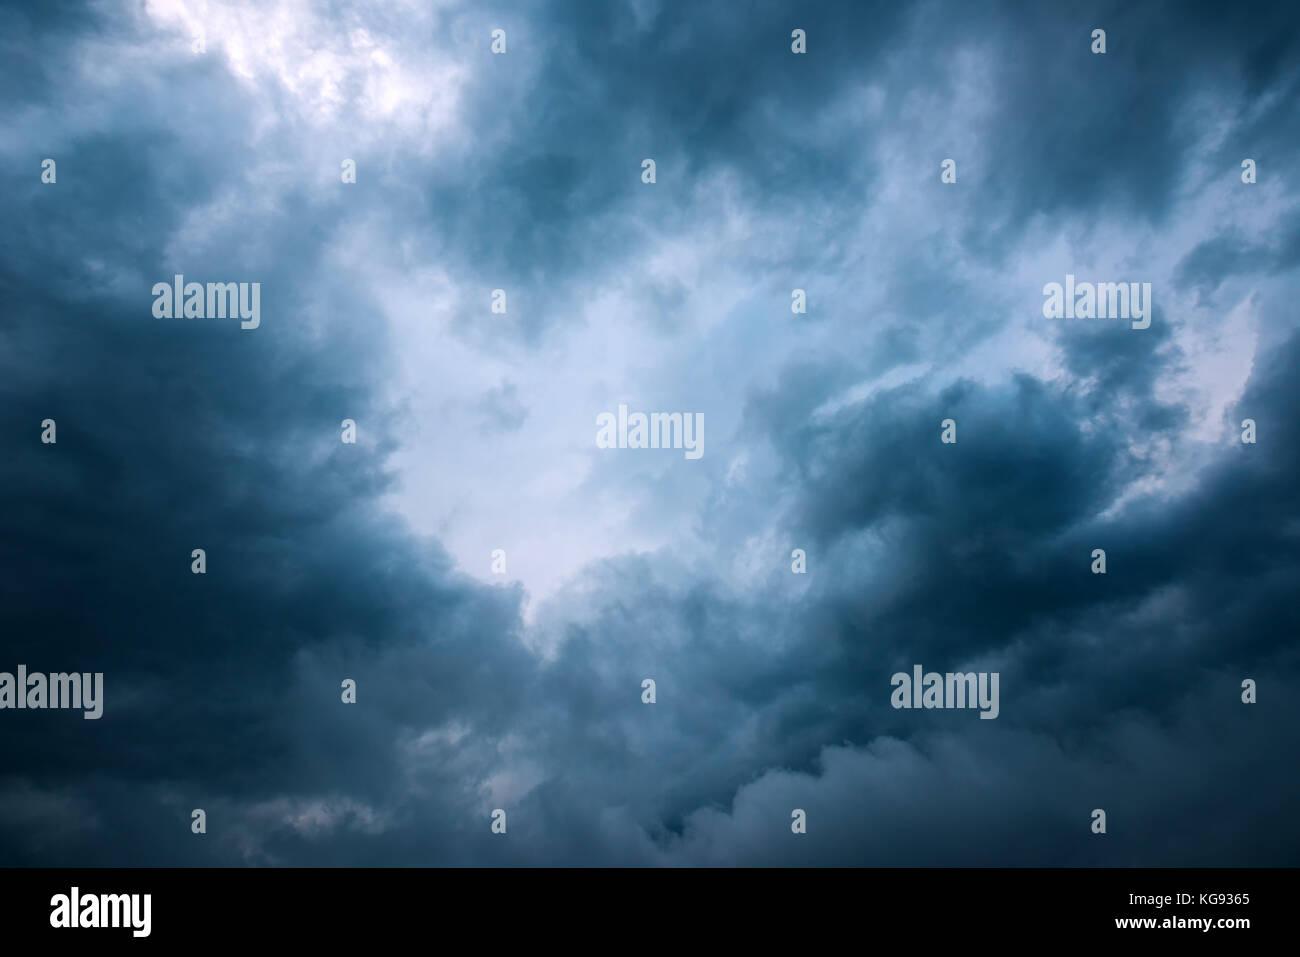 Unter dem Regen Wolken. Wetter, Klima und Regenzeit cloudscape Hintergrund Stockfoto